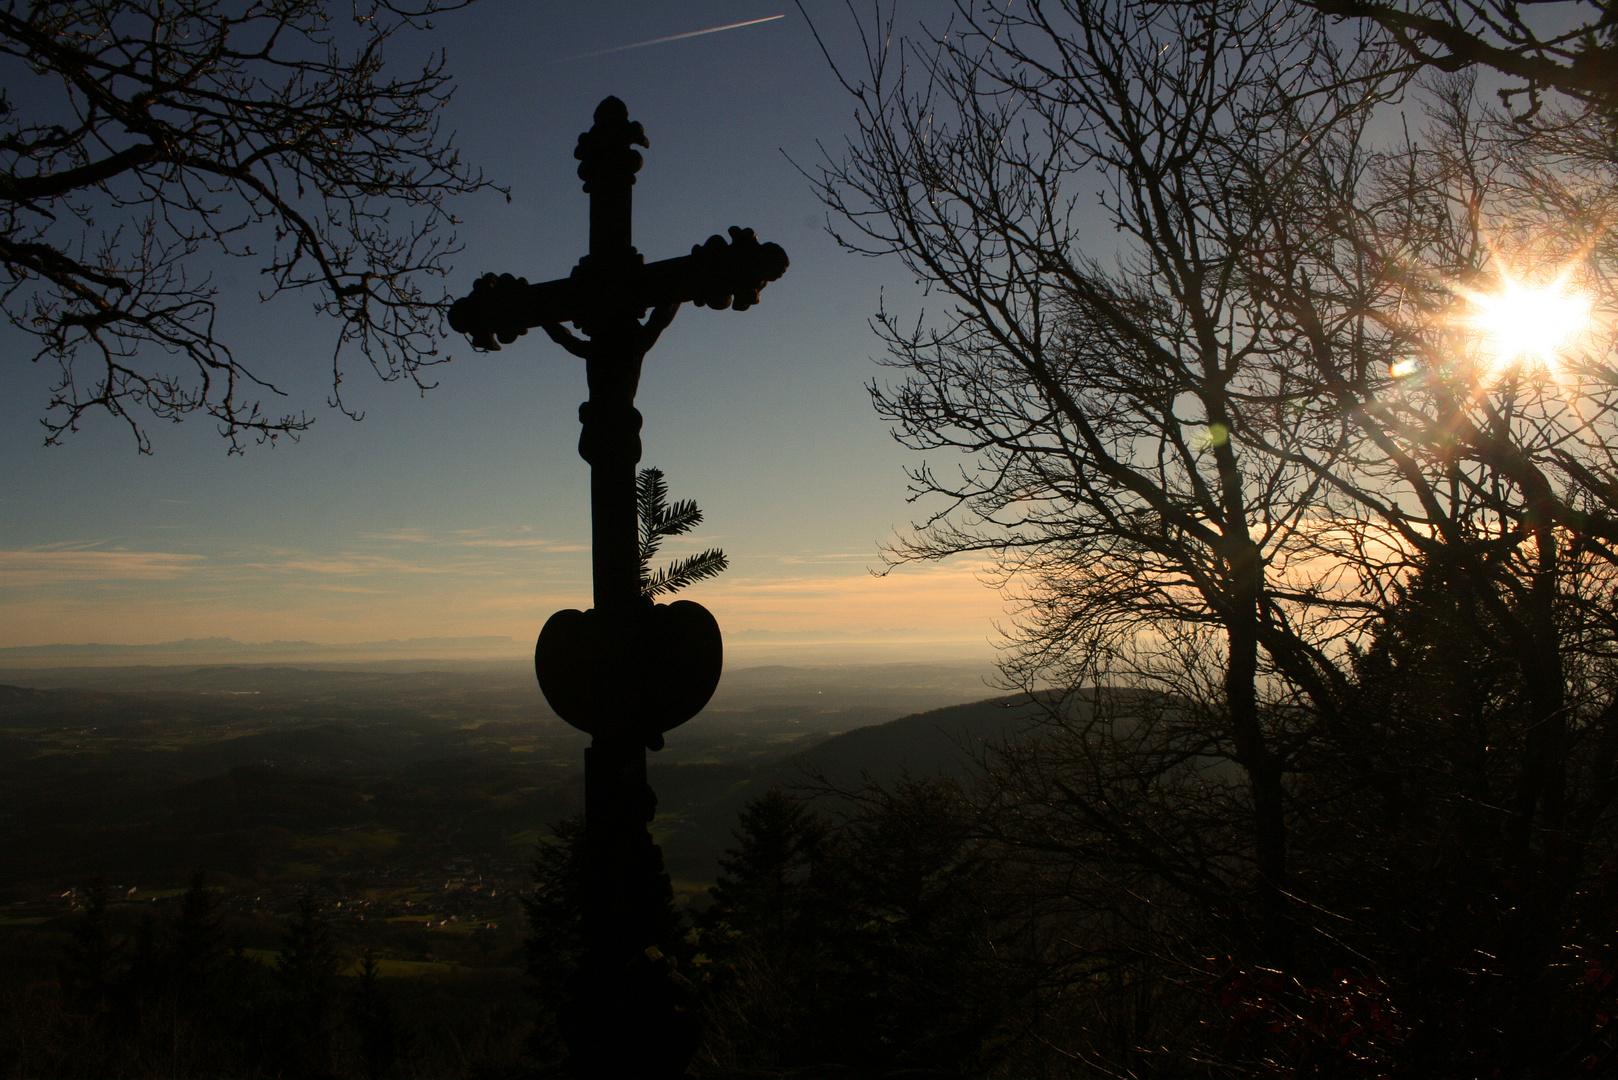 Aschenstein kurz vor Sonnenuntergang